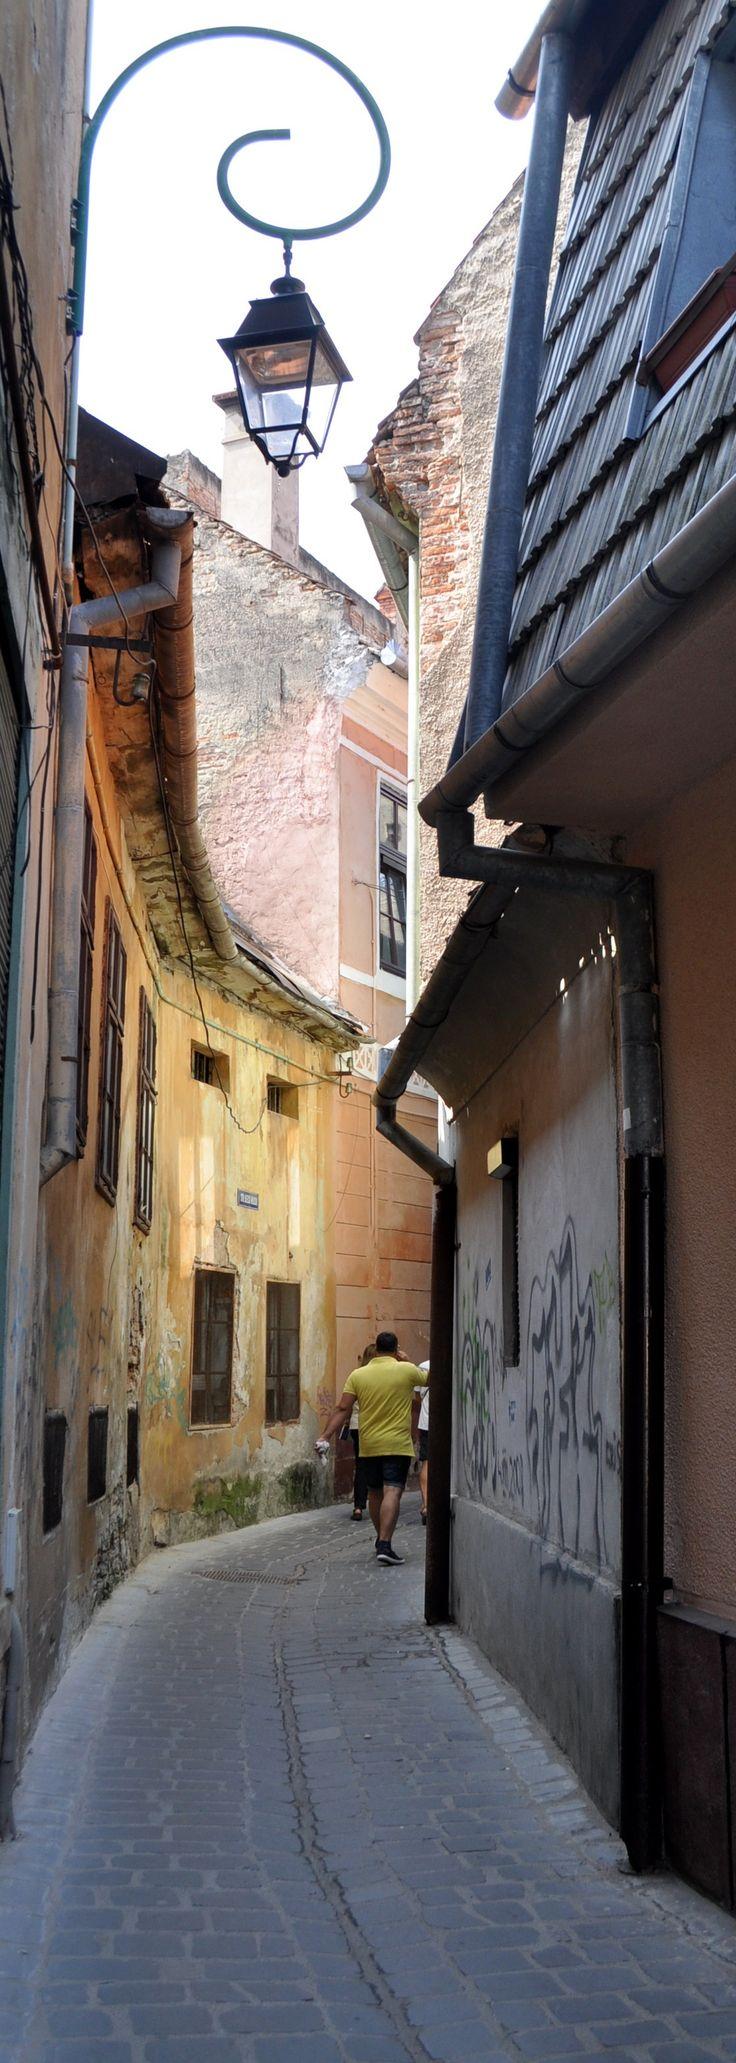 Calle rumana en curva